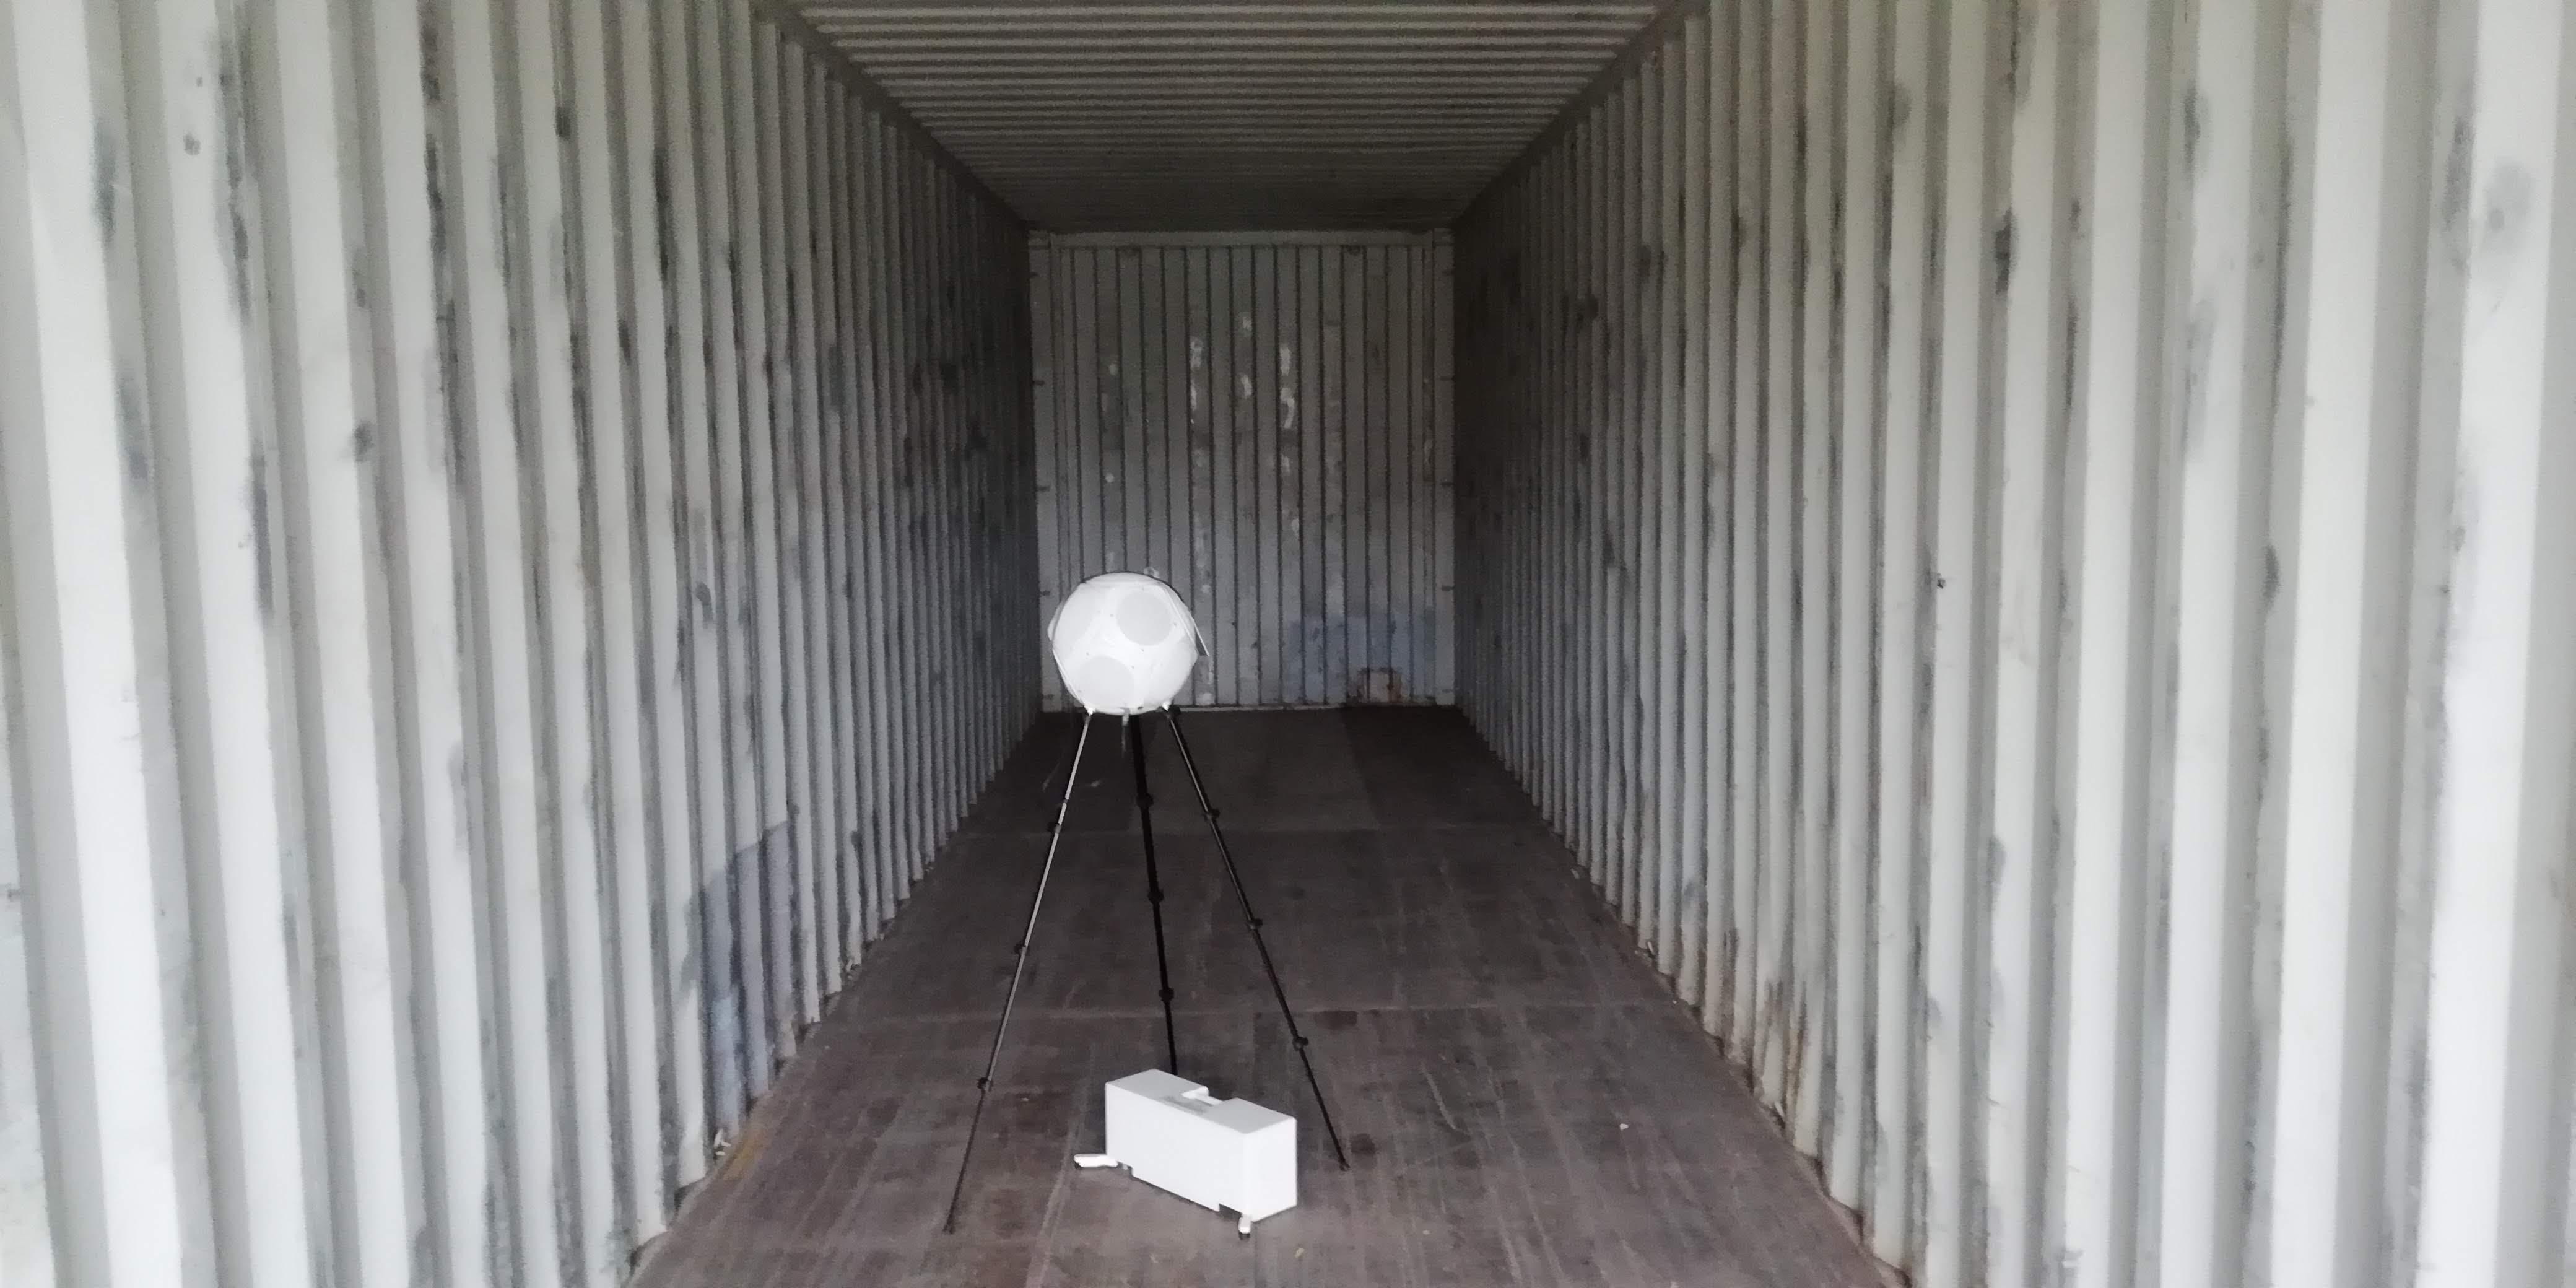 5 décembre 2018 – Maison-container – Acoustique d'un projet immobilier expérimental